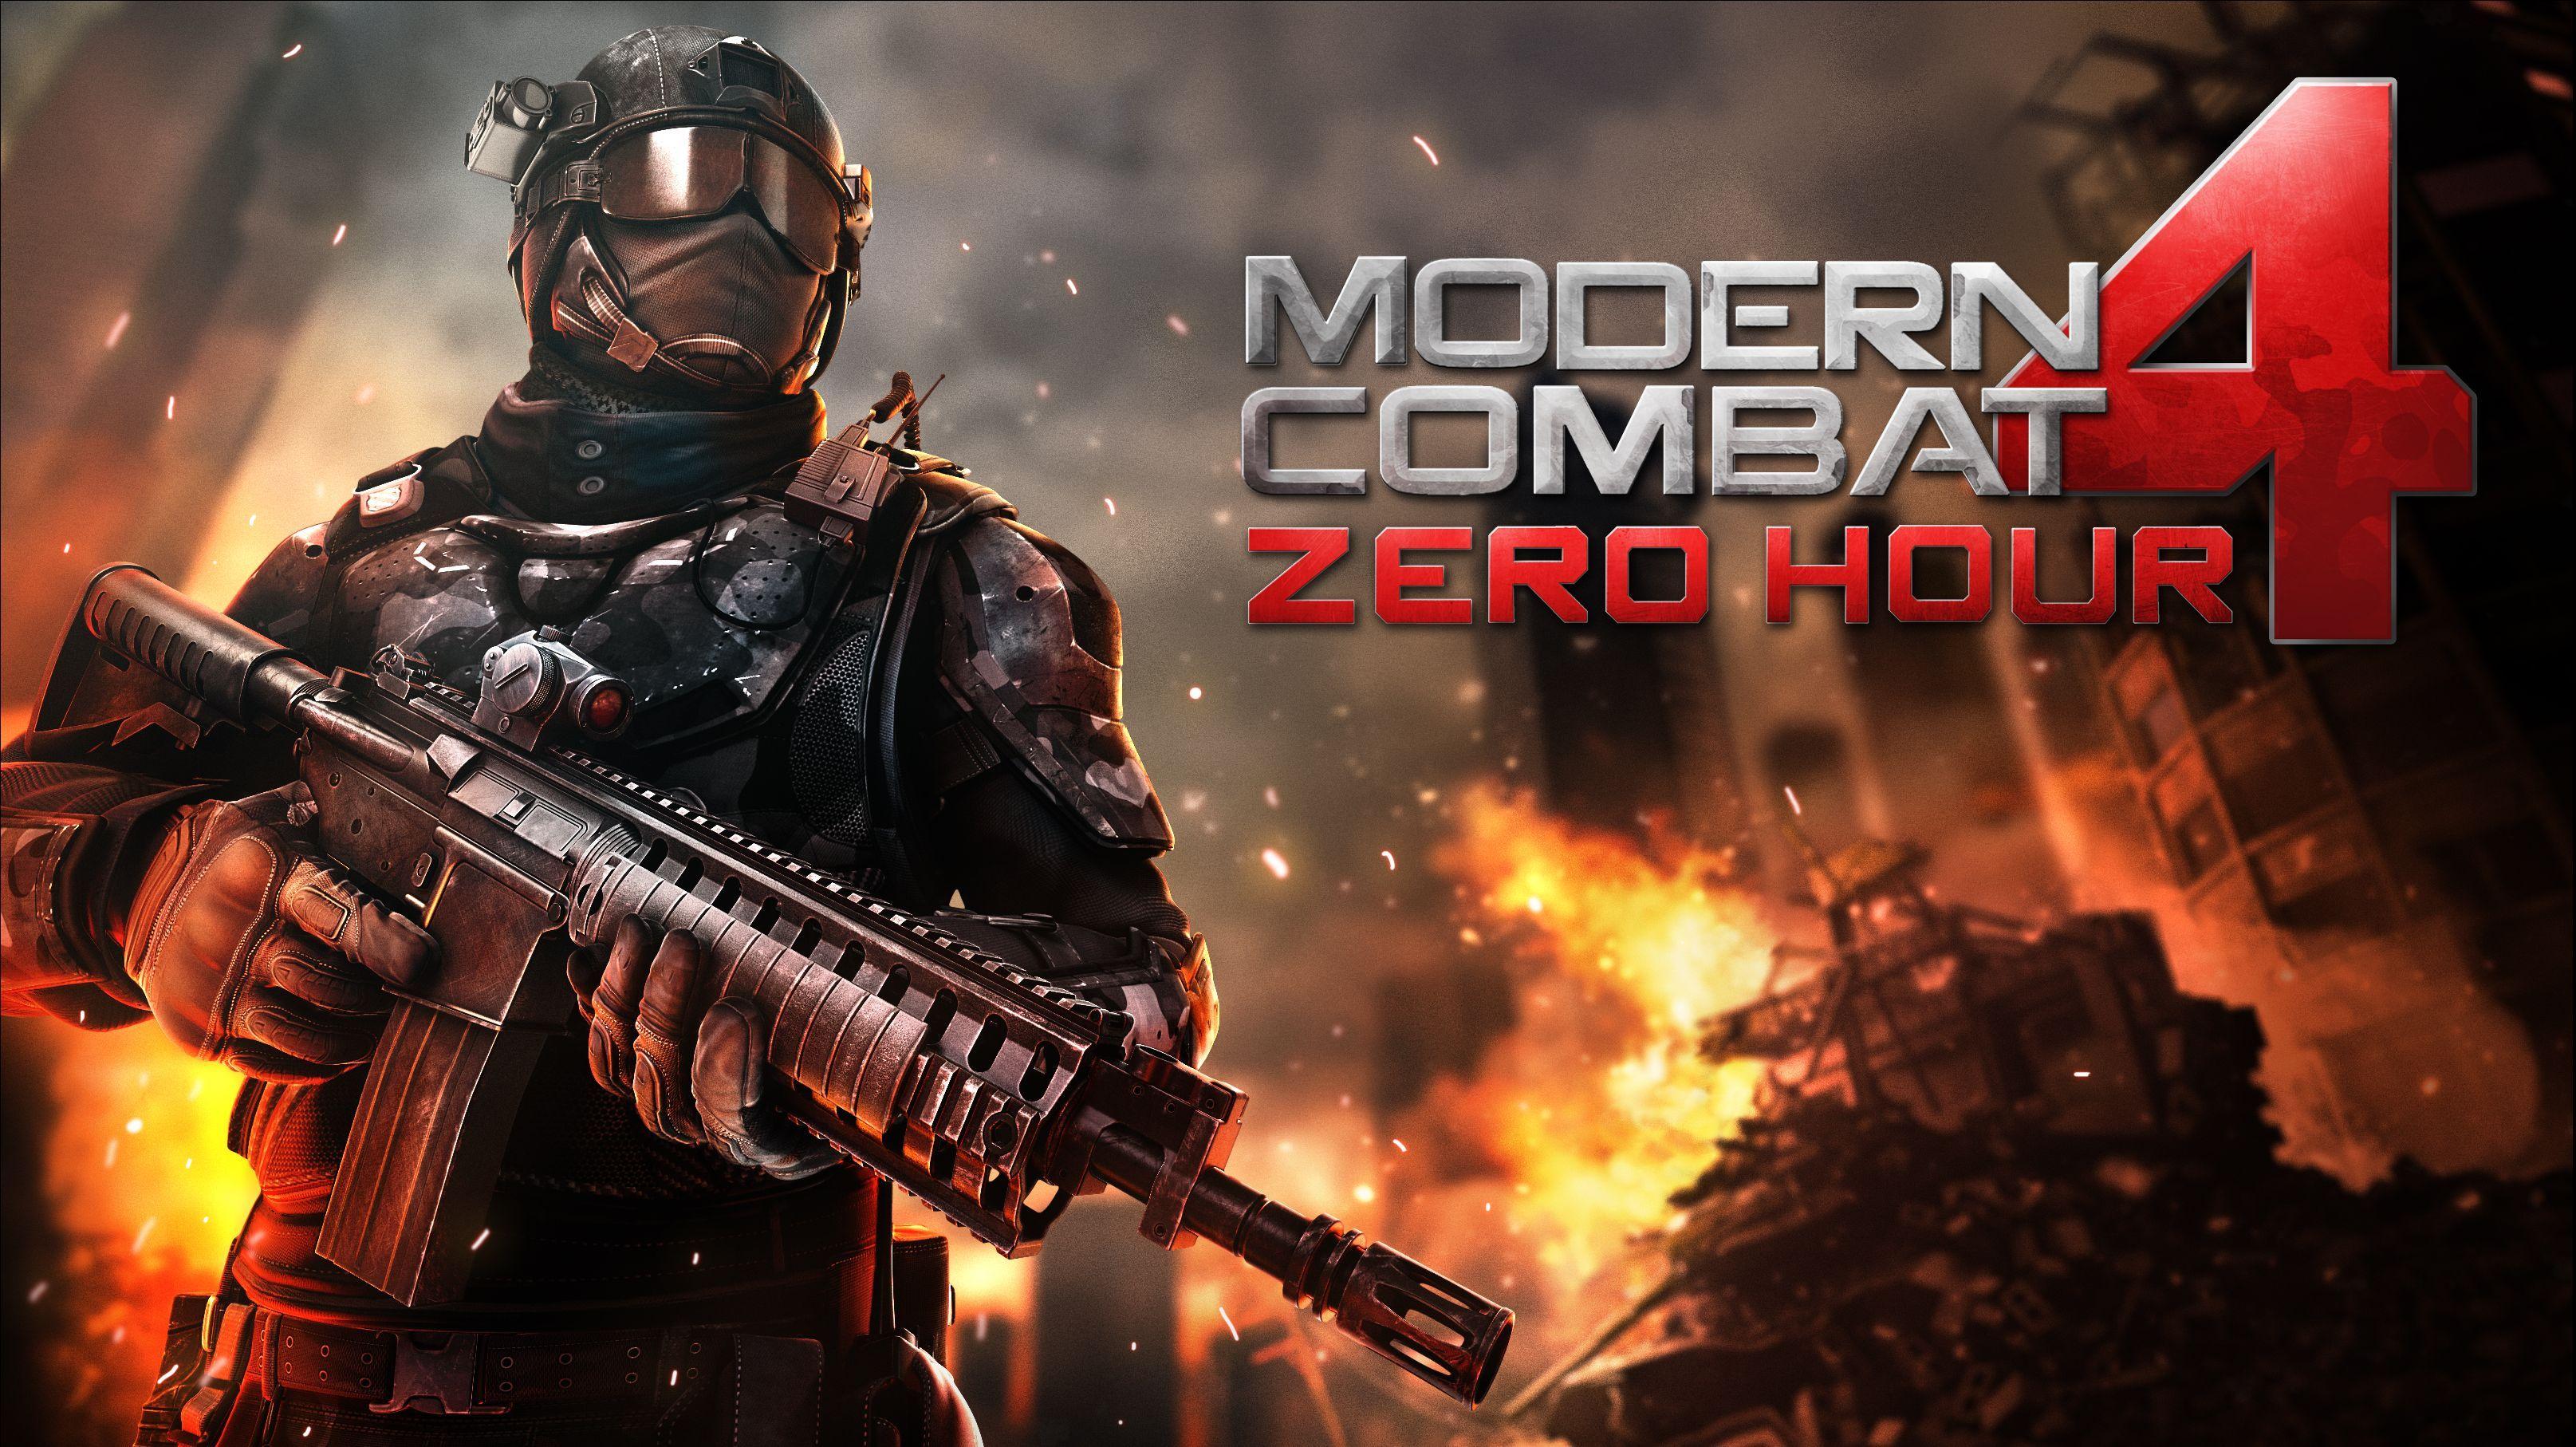 Gameloft Anuncia Modern Combat 4 Zero Hour El Juego Para Smartphones Mas Esperado De La Temporada Juegos De Disparos Juegos Temporadas